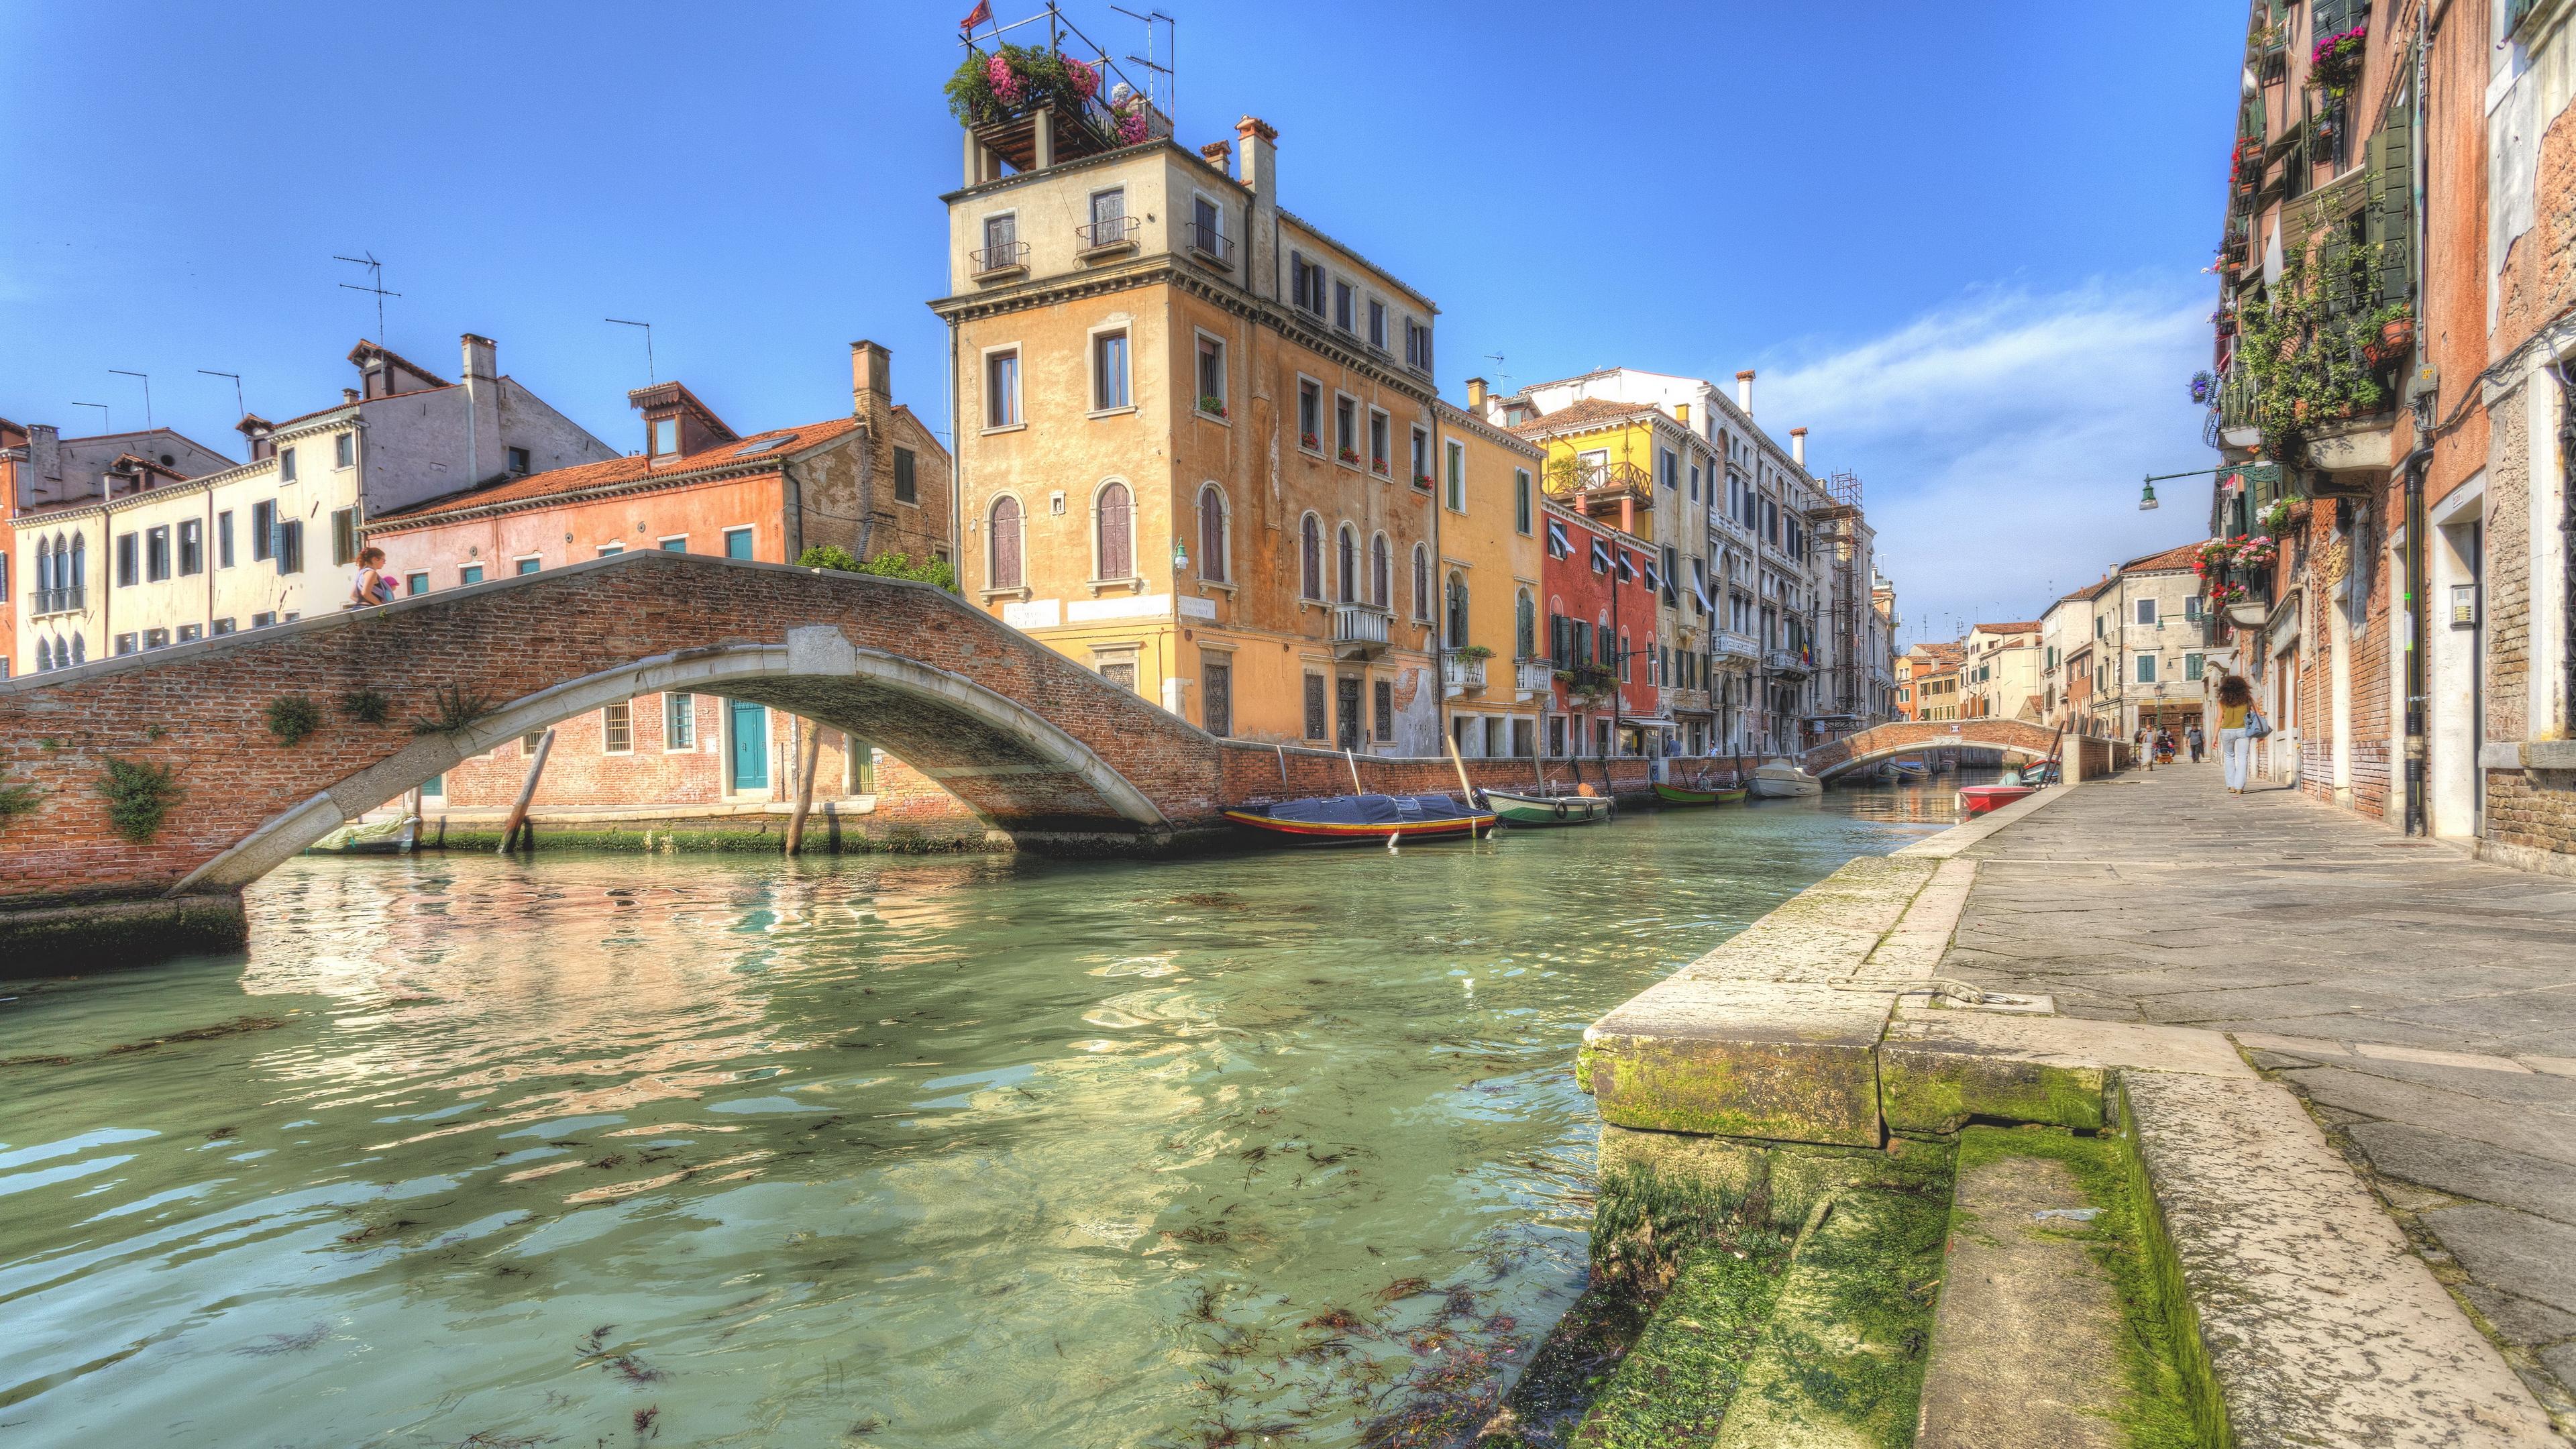 italy venice river bridge houses 4k 1538066246 - italy, venice, river, bridge, houses 4k - Venice, River, Italy